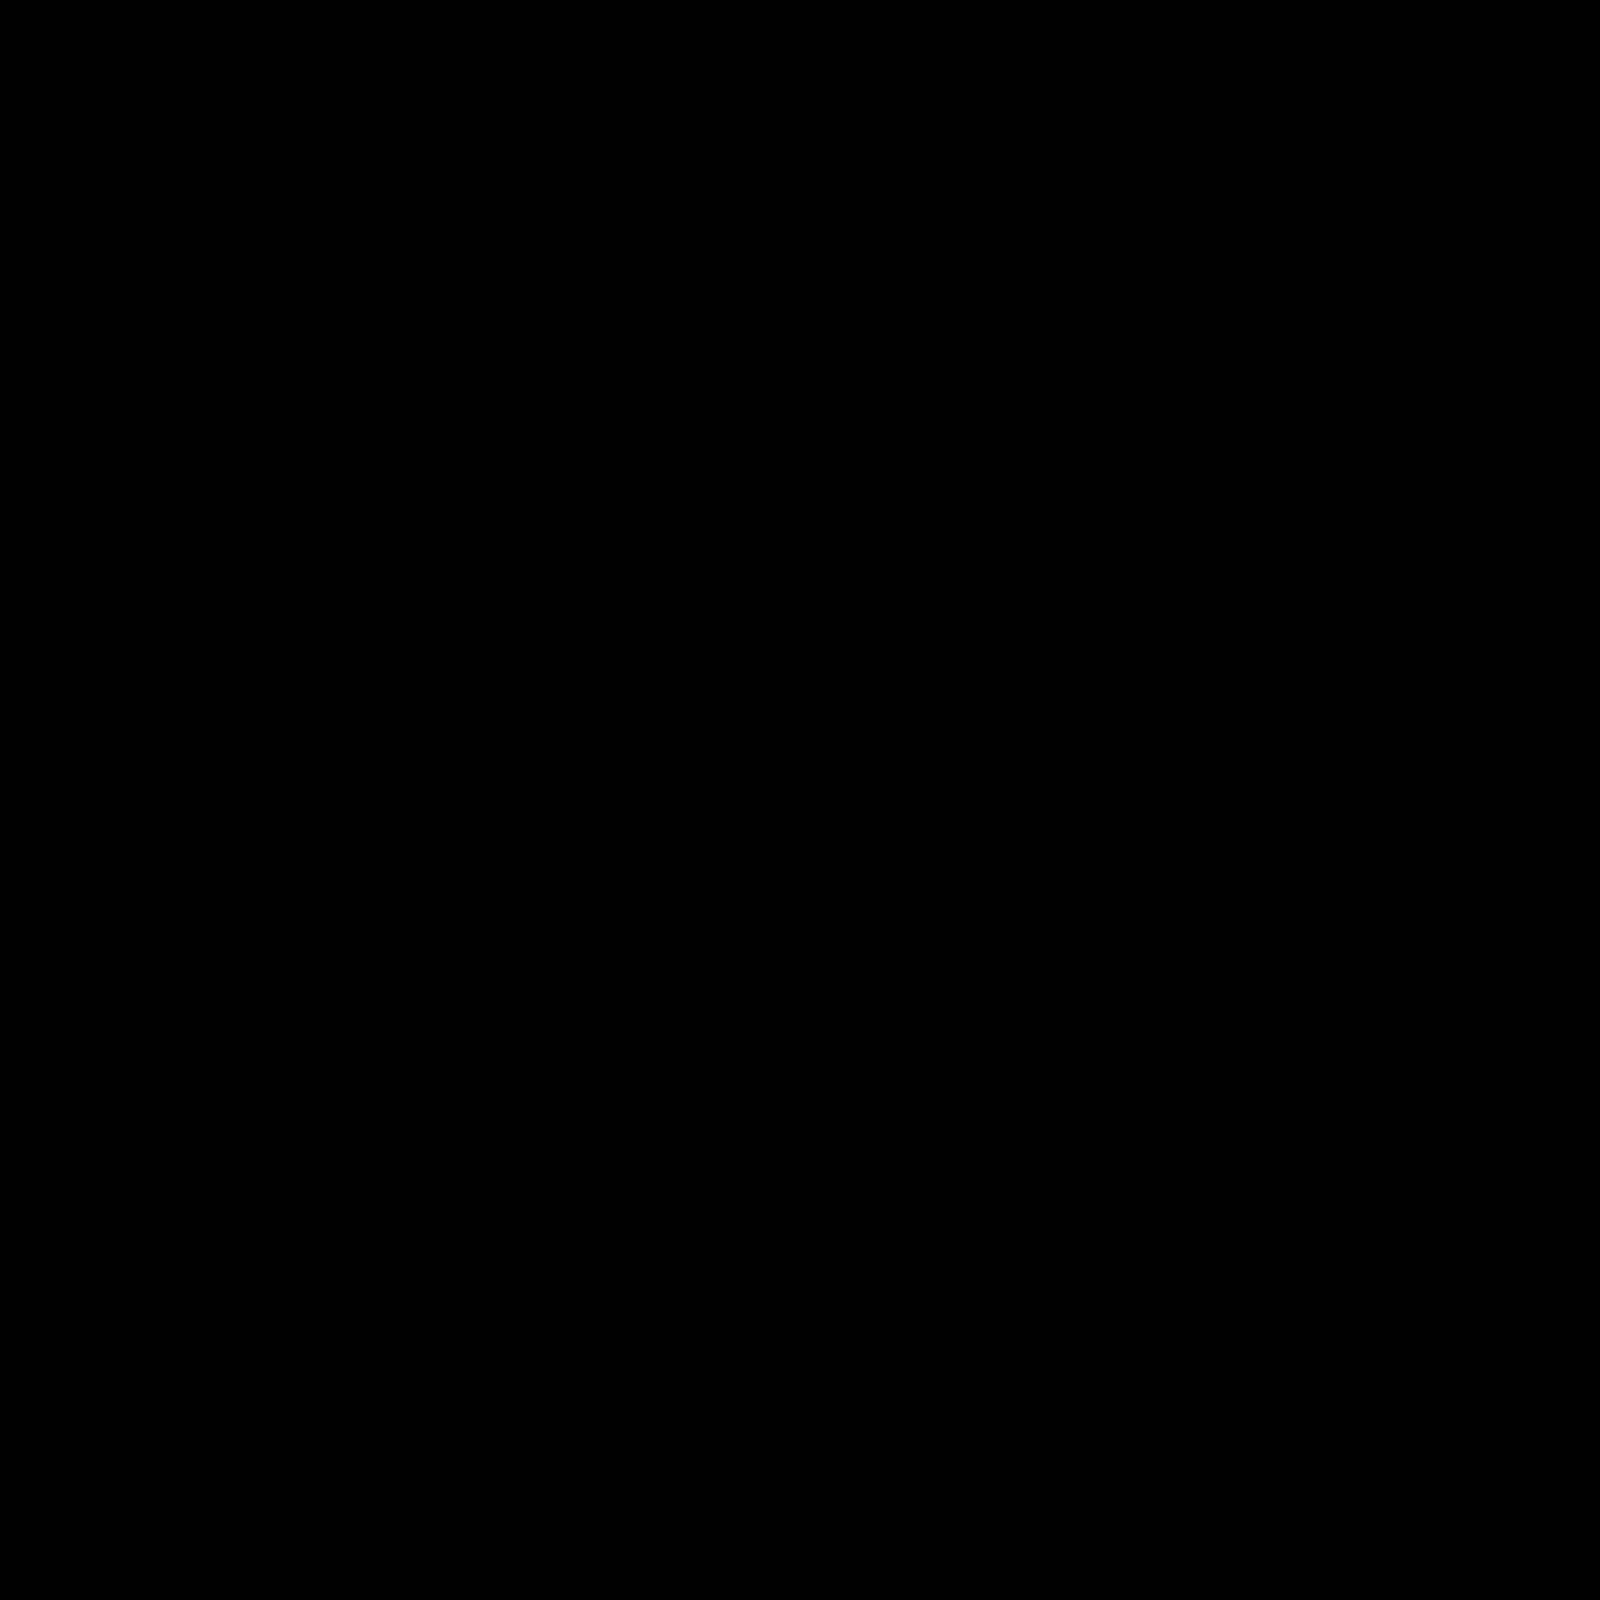 Lew icon